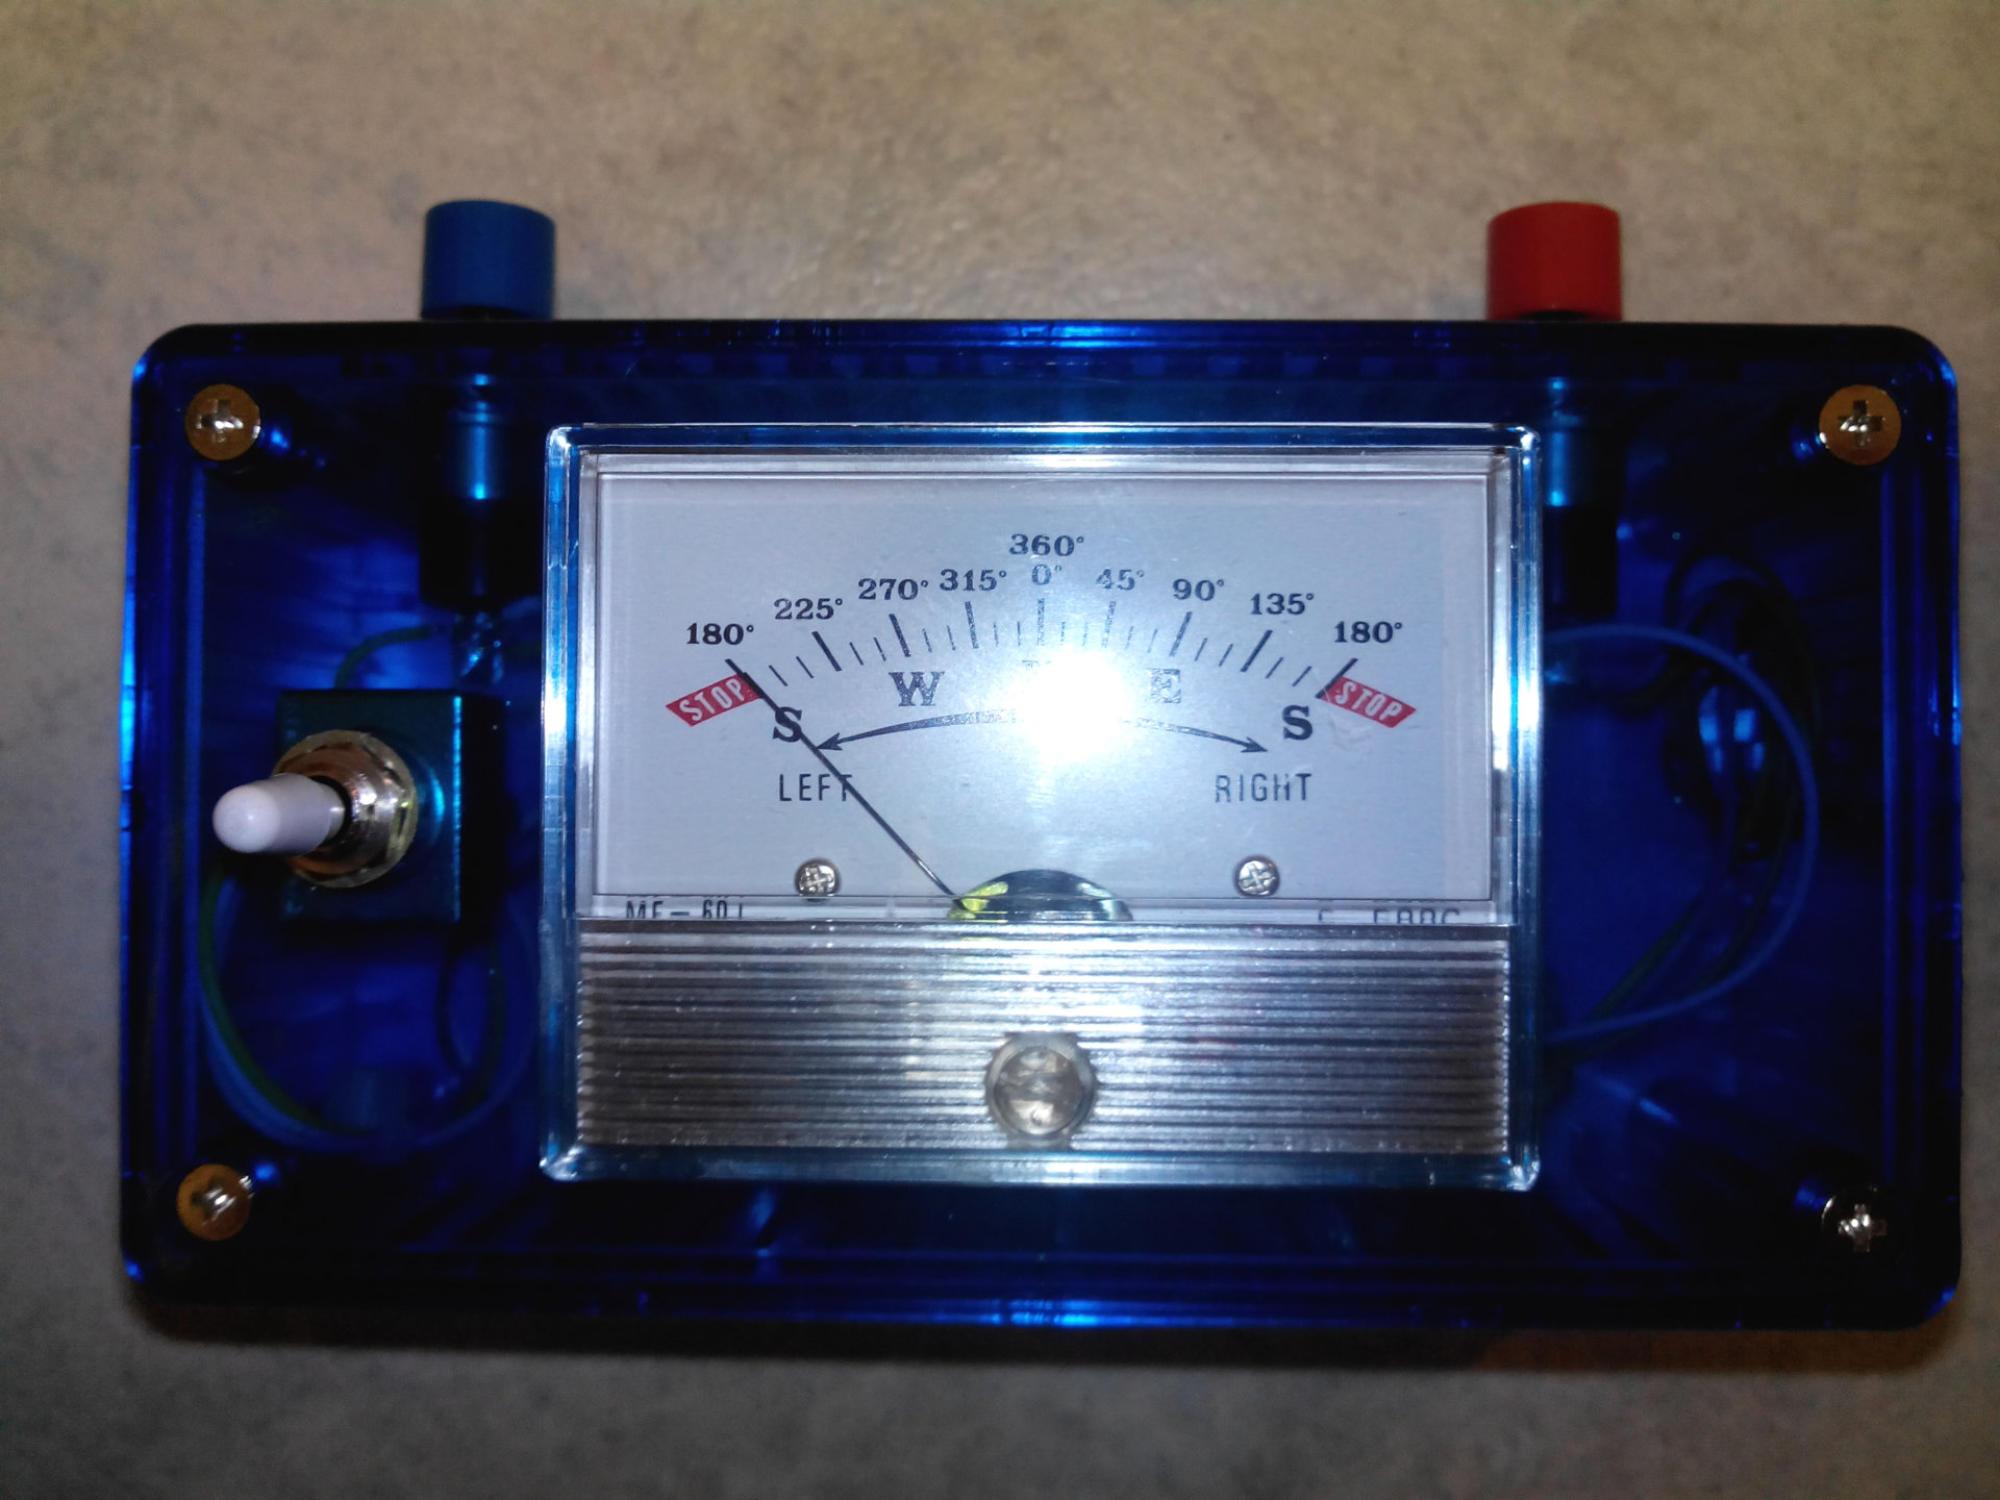 Remote Control Interface for Rotor Yaesu G-400